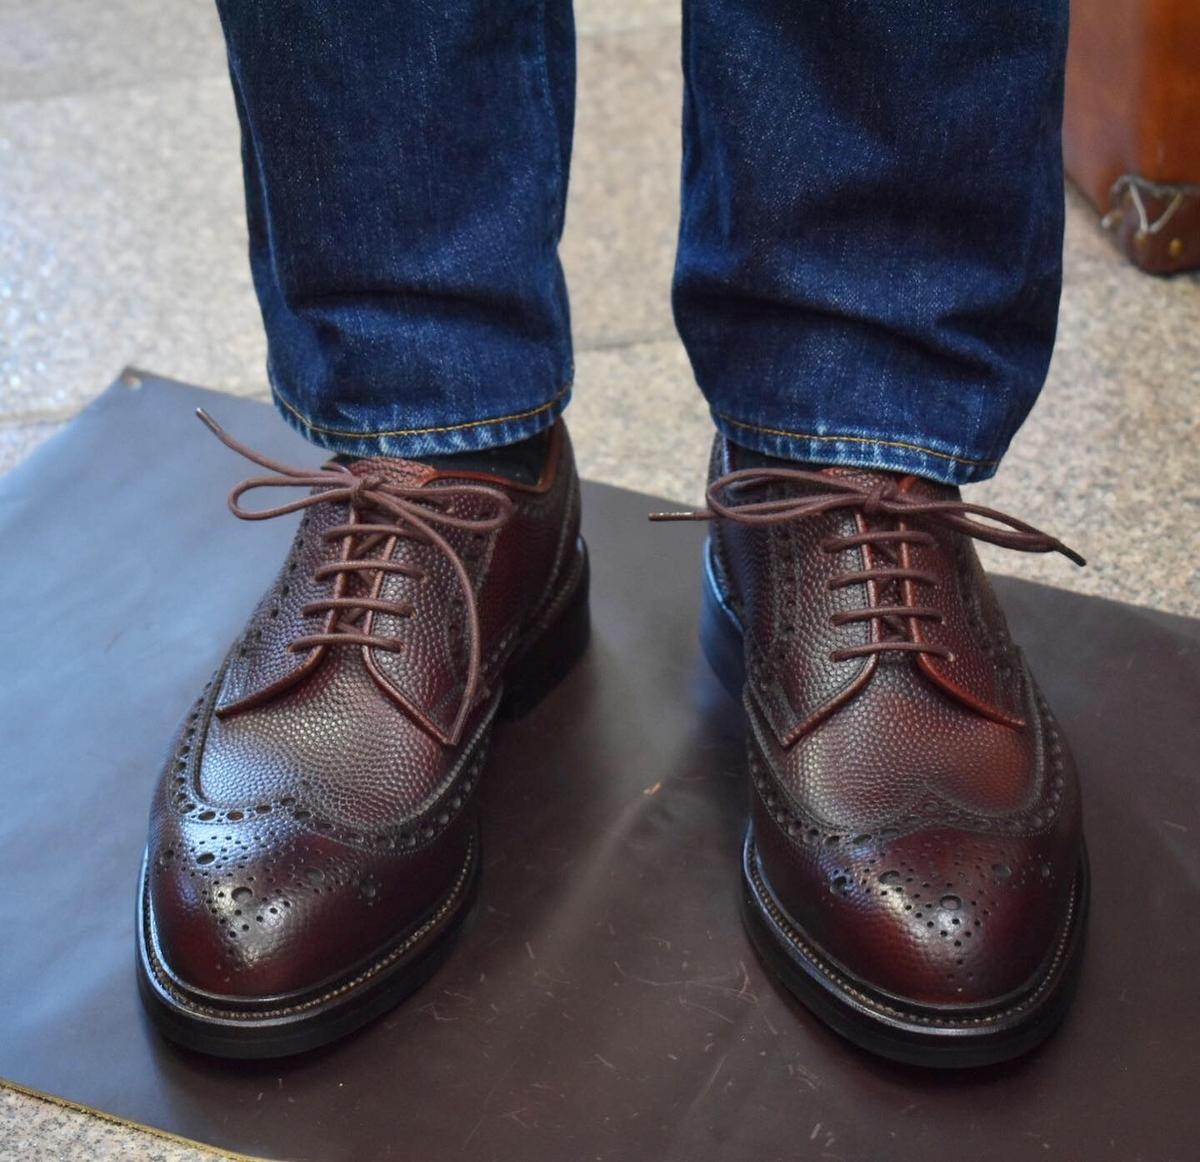 f:id:raymar-shoes:20191120175525j:plain